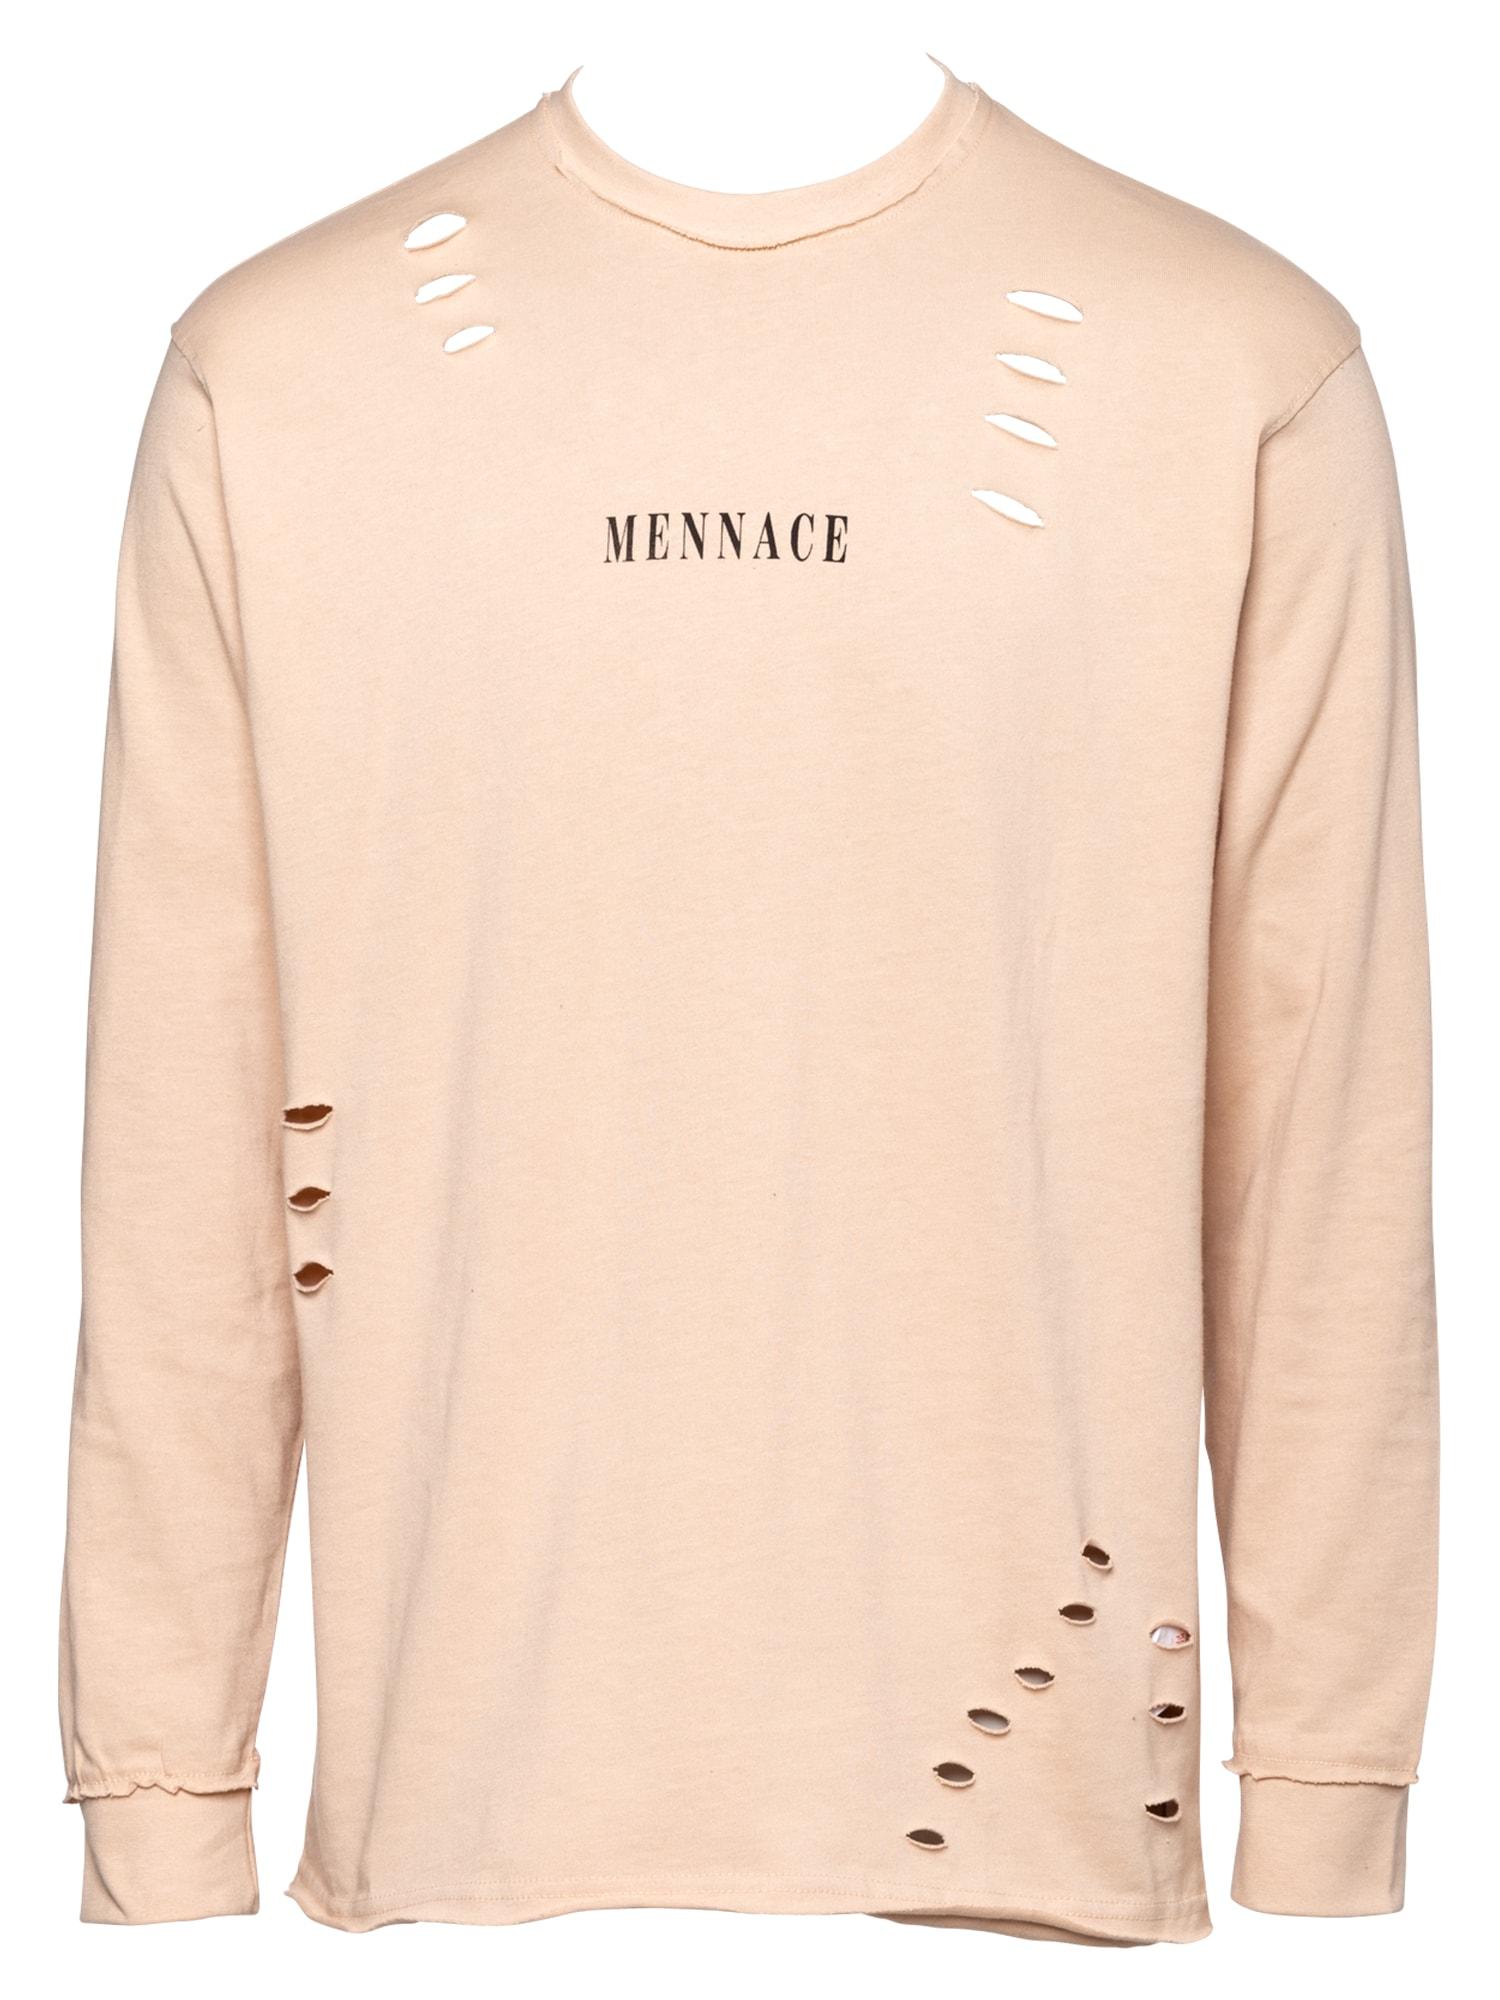 Mennace Marškinėliai šampano / juoda